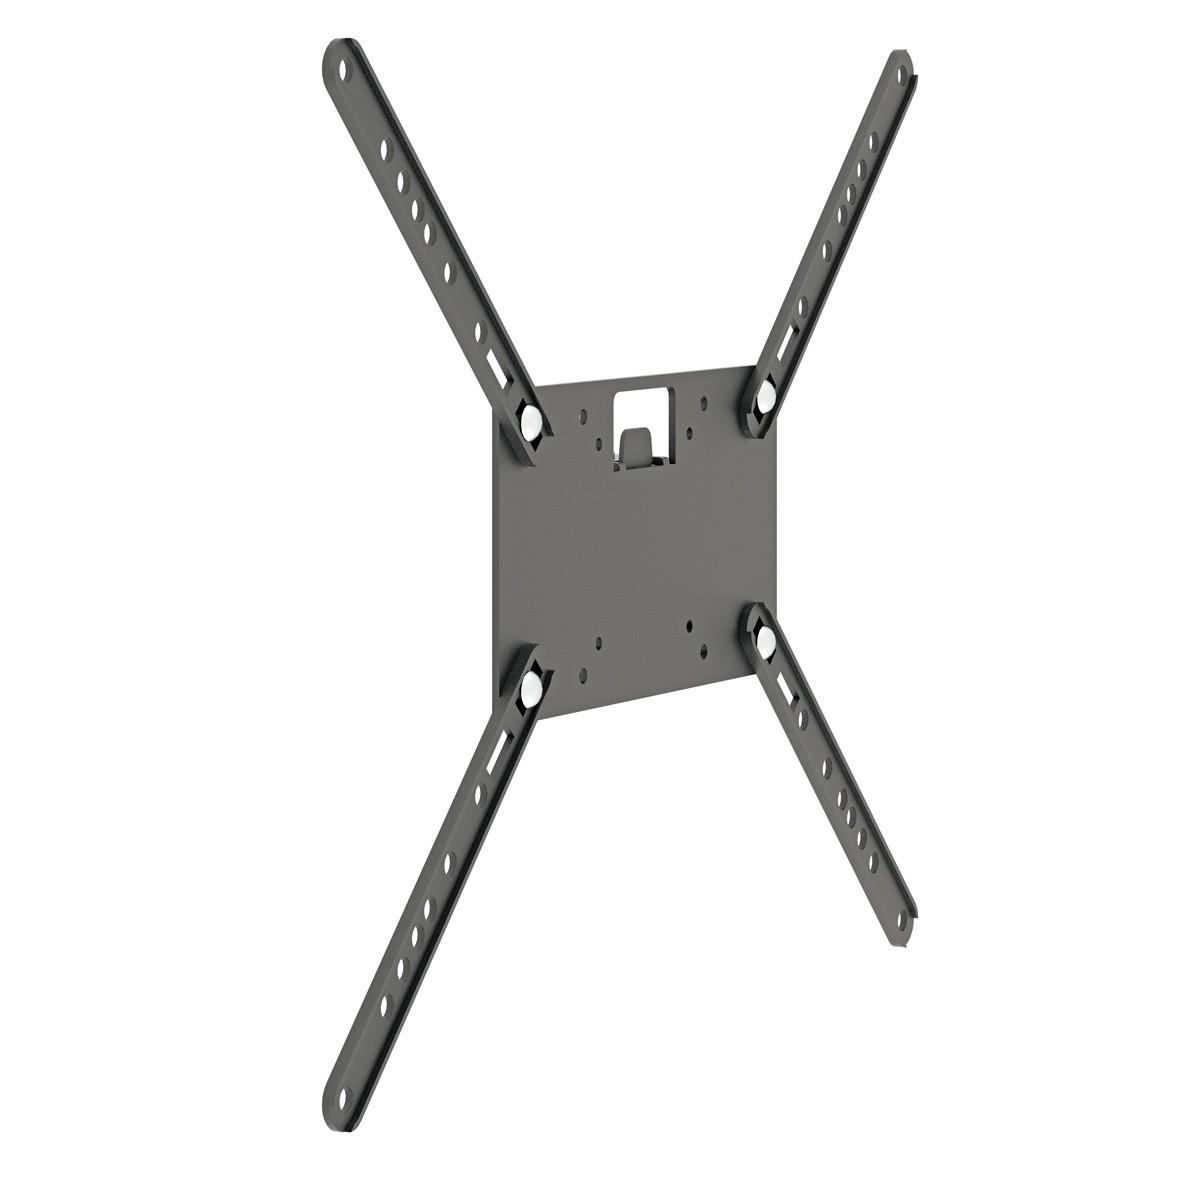 Suporte fixo para TVs de 14 à 56 polegadas - STPF-400